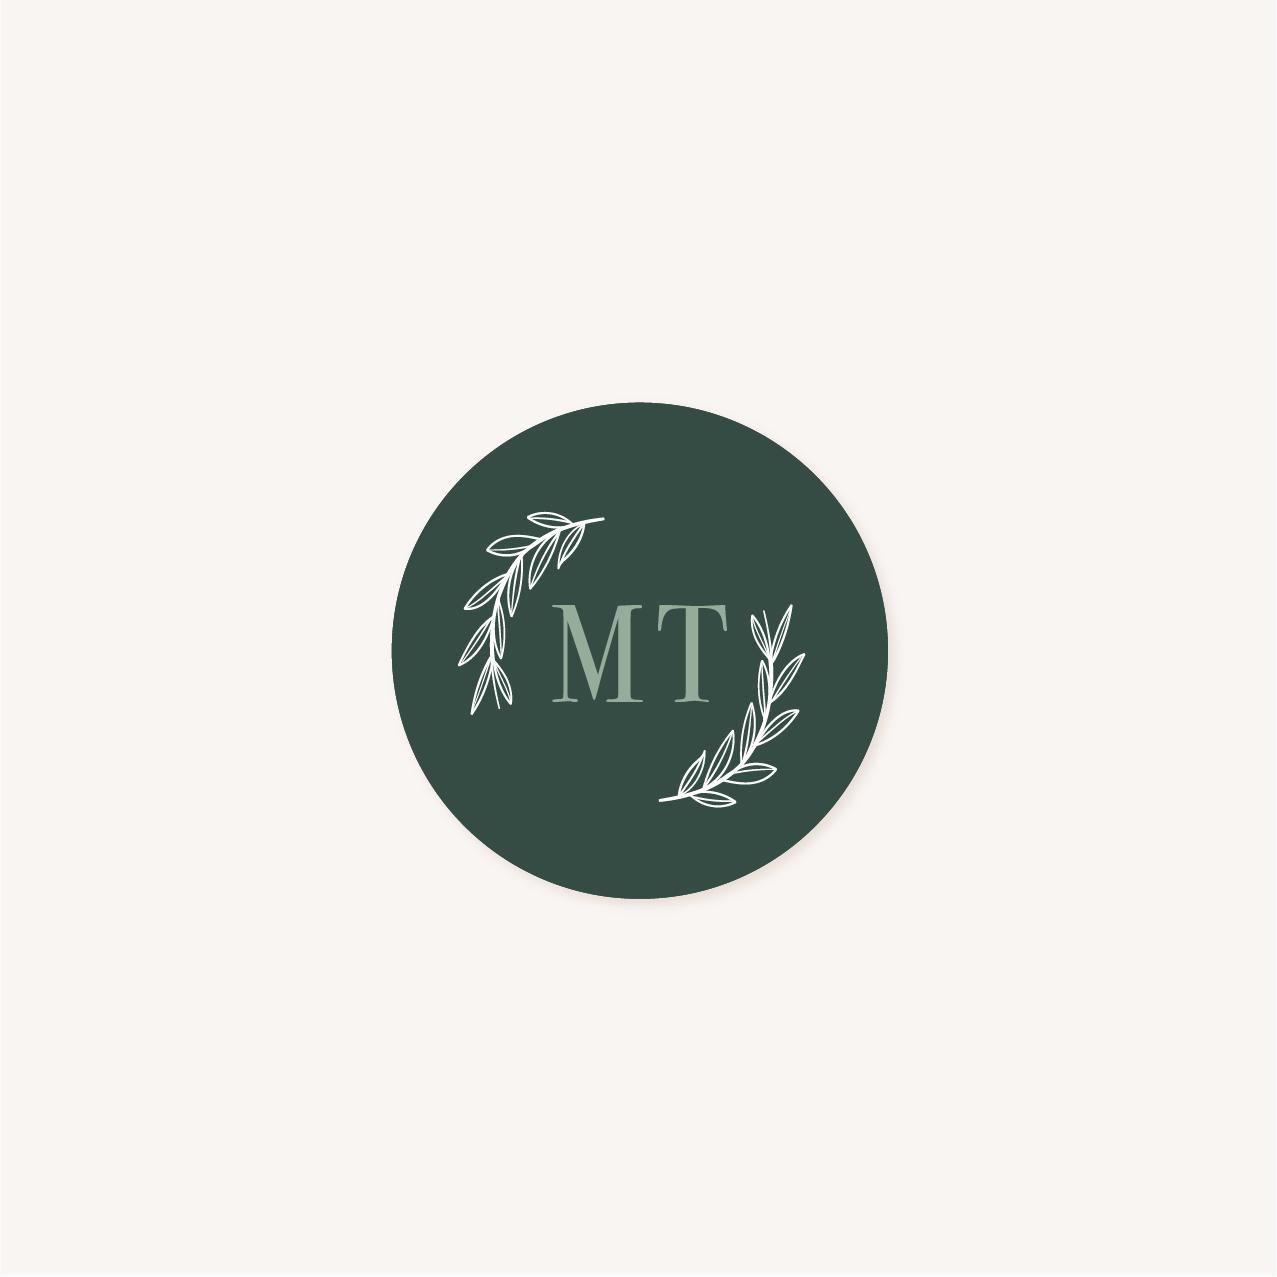 Étiquette faire-part vert minimaliste végétal nature faire-part mariage